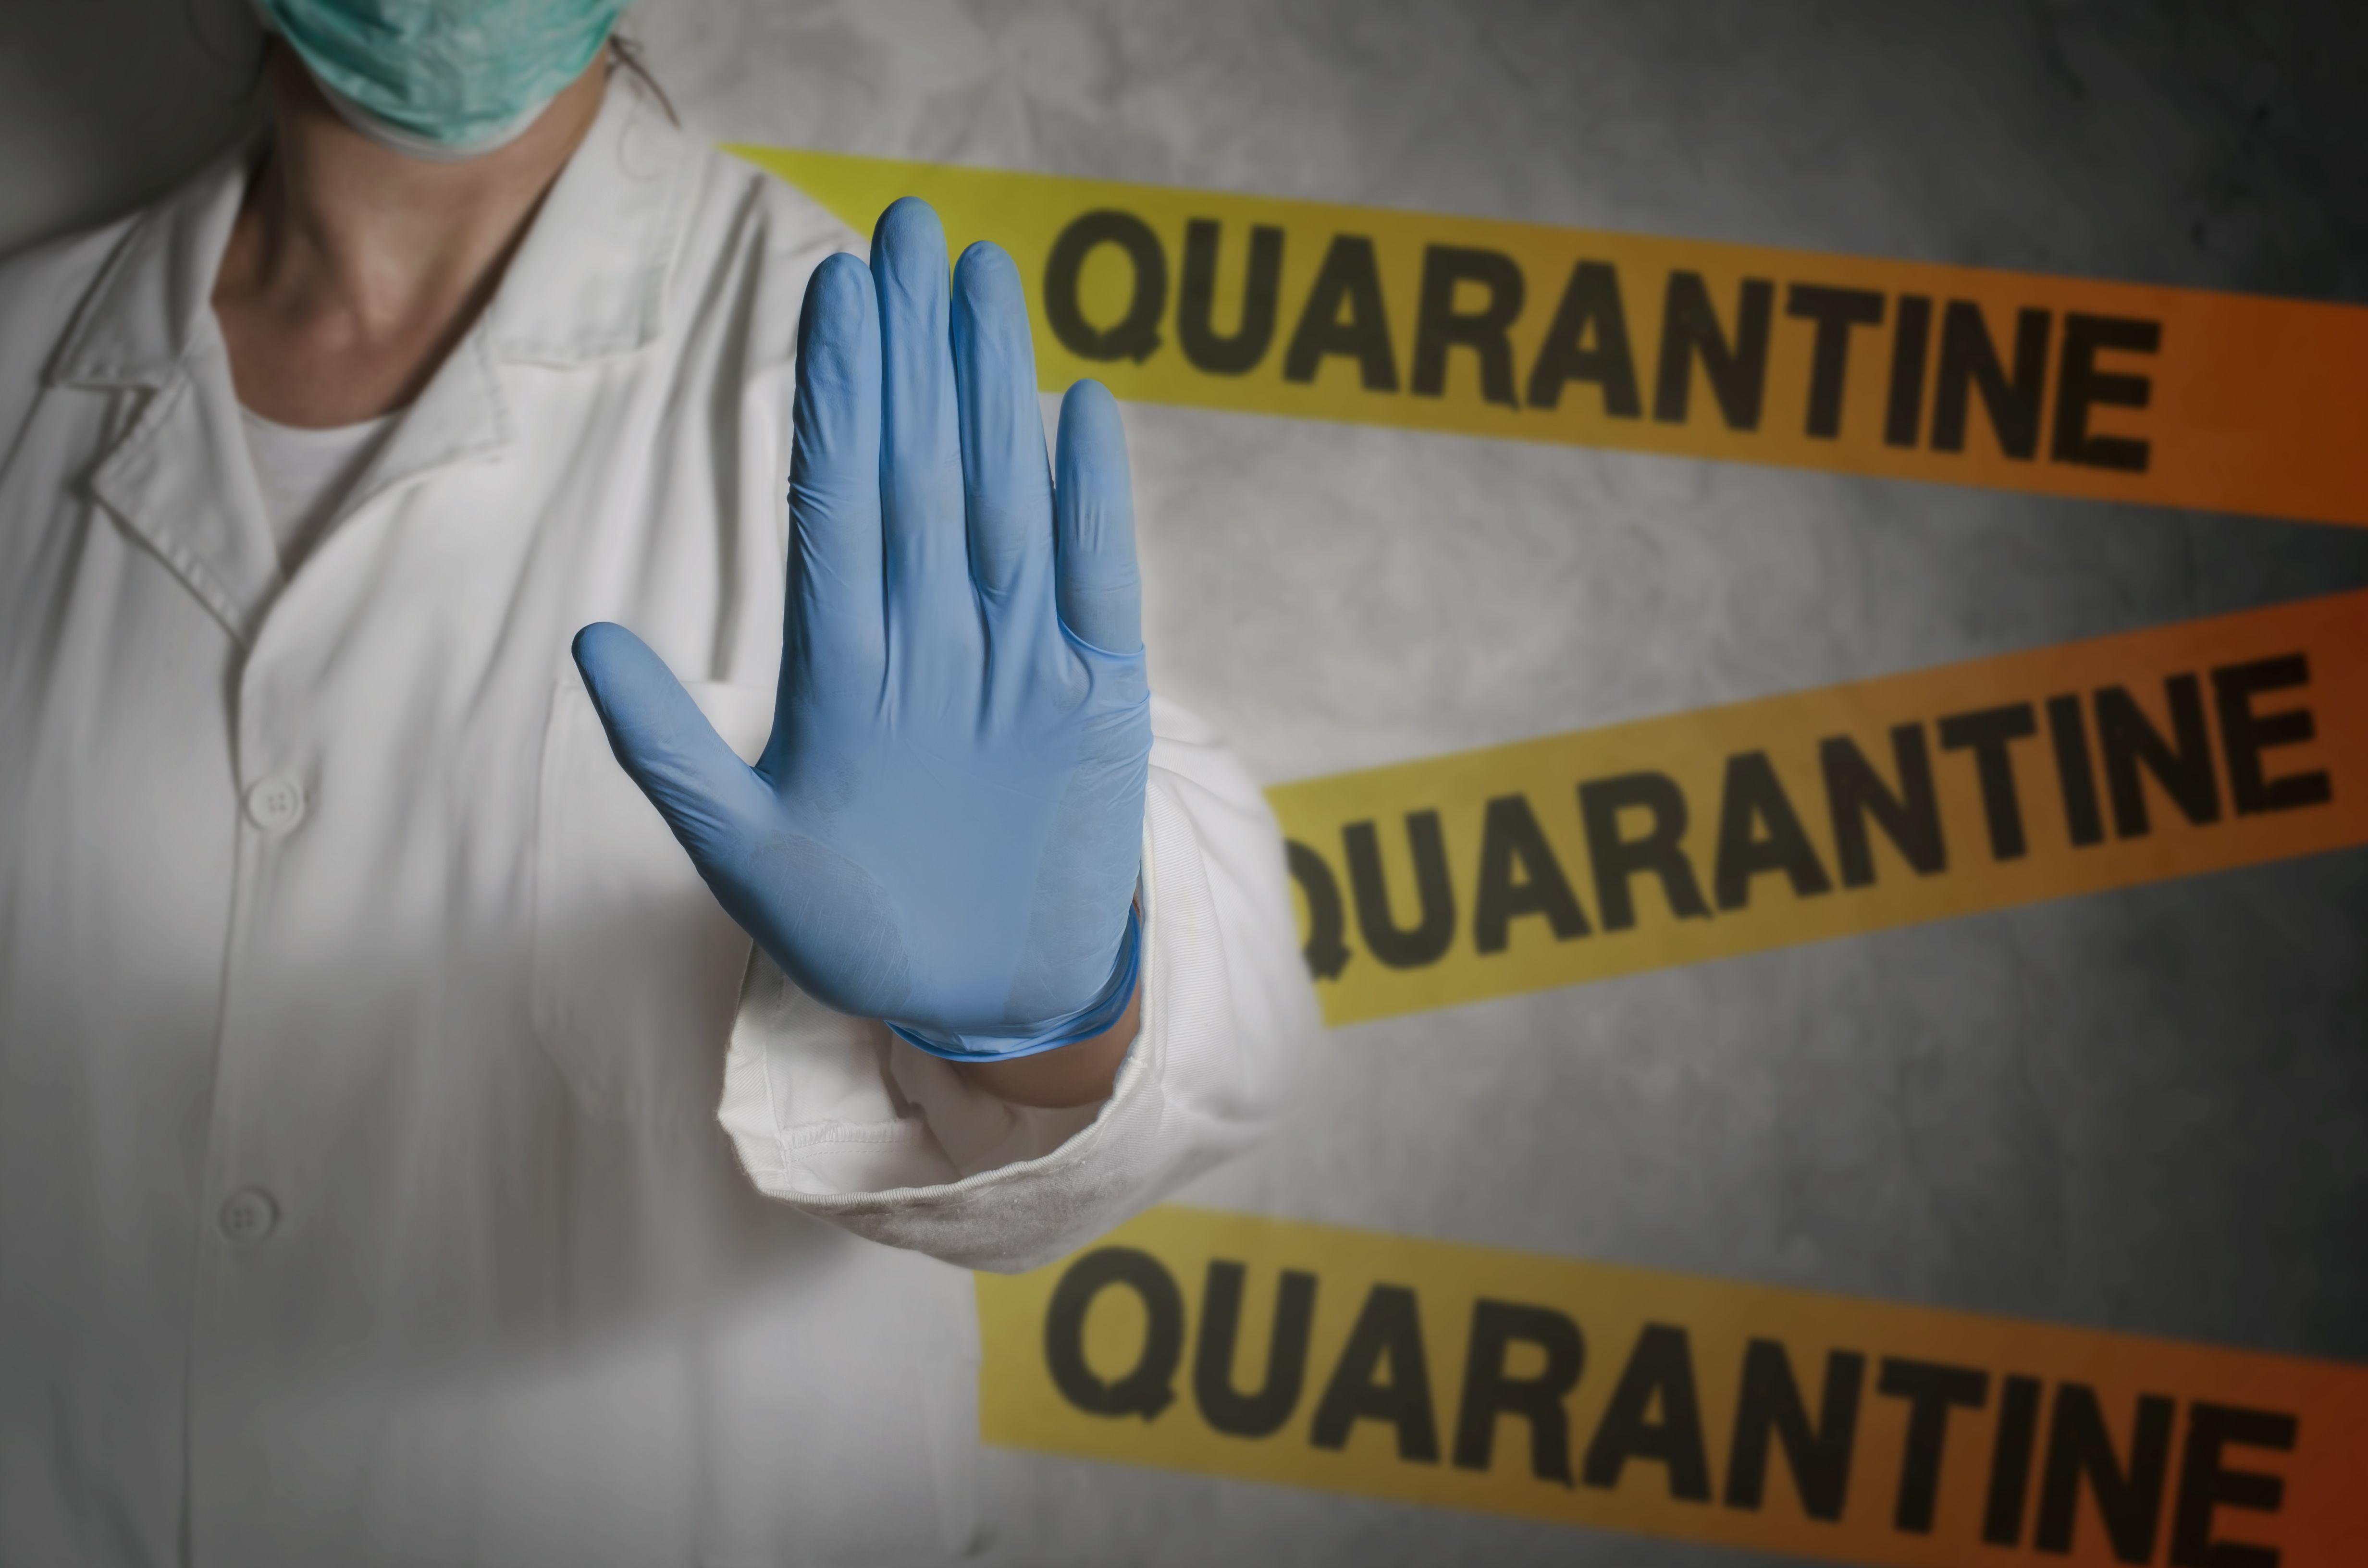 Information on Quarantine--Información sobre cuarentena